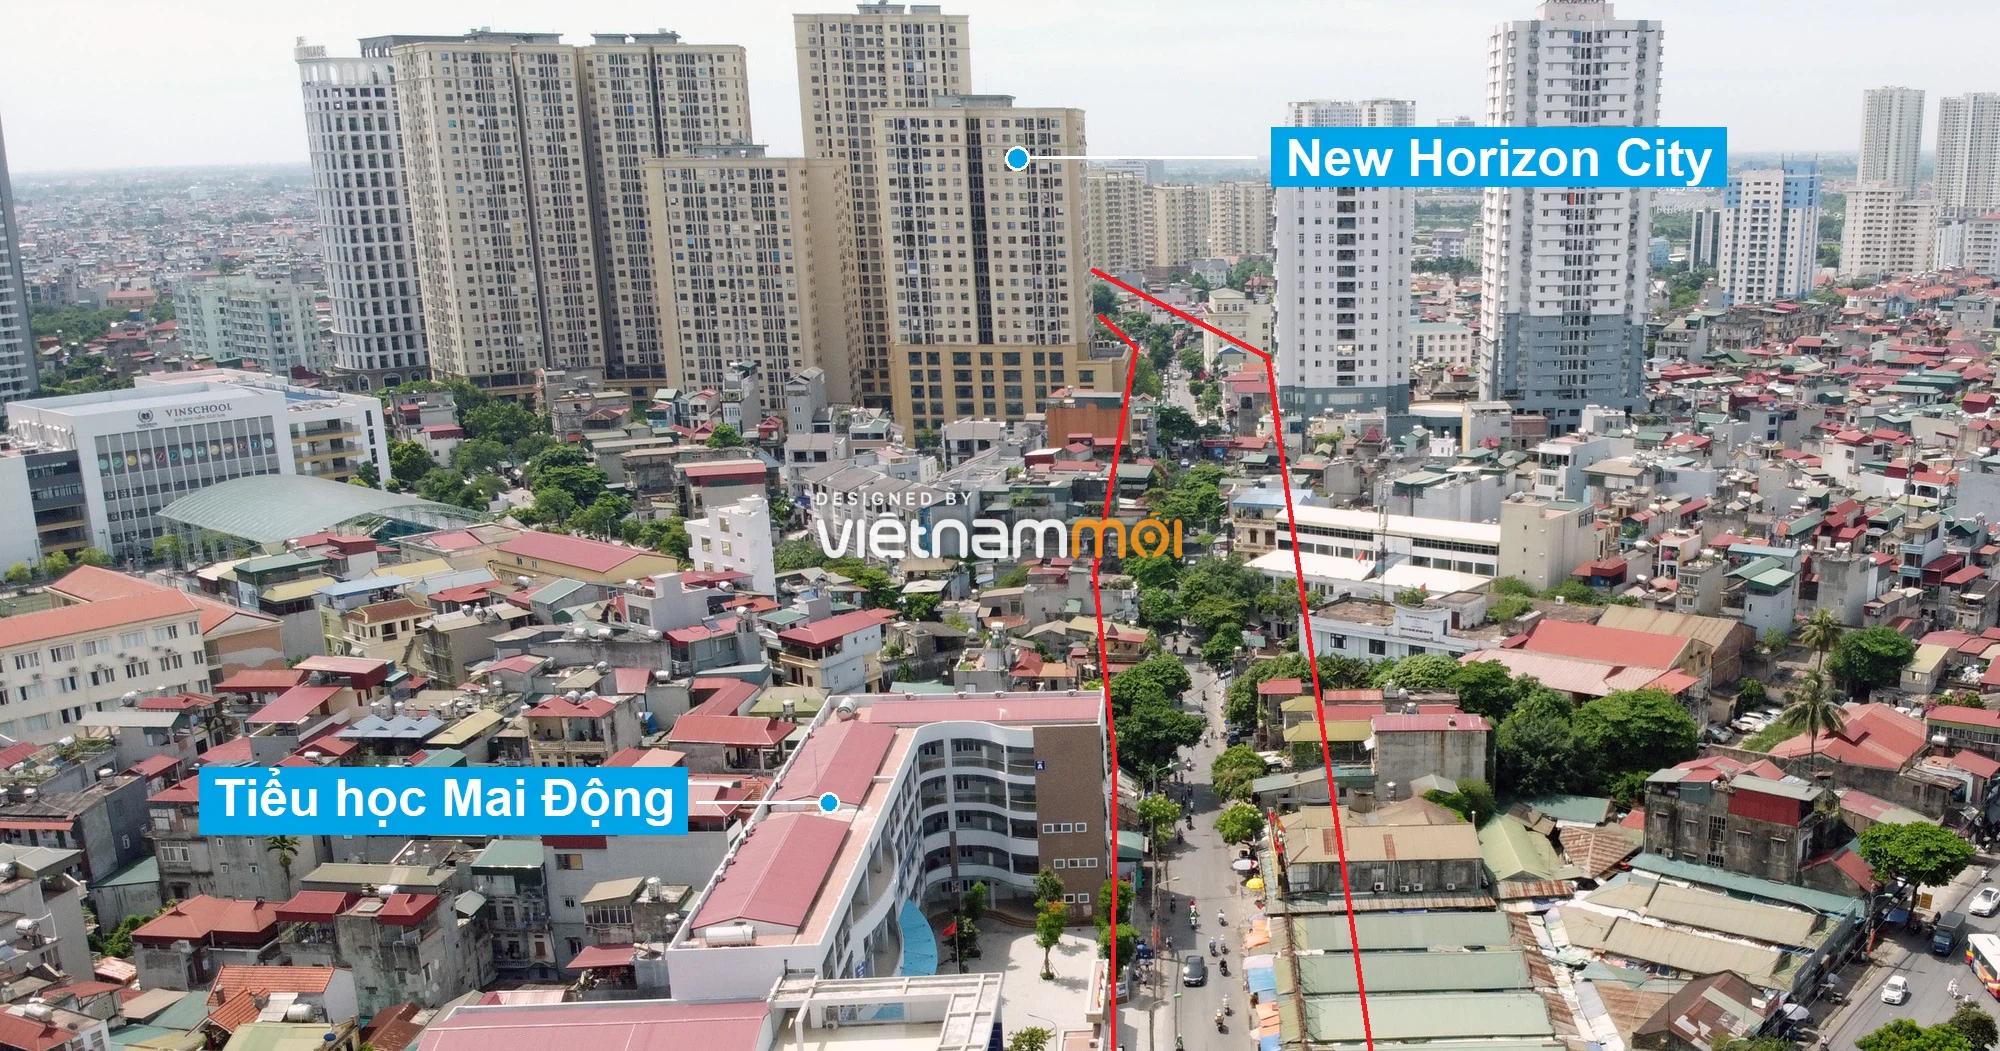 Những khu đất sắp thu hồi để mở đường ở quận Hoàng Mai, Hà Nội (phần 3) - Ảnh 12.